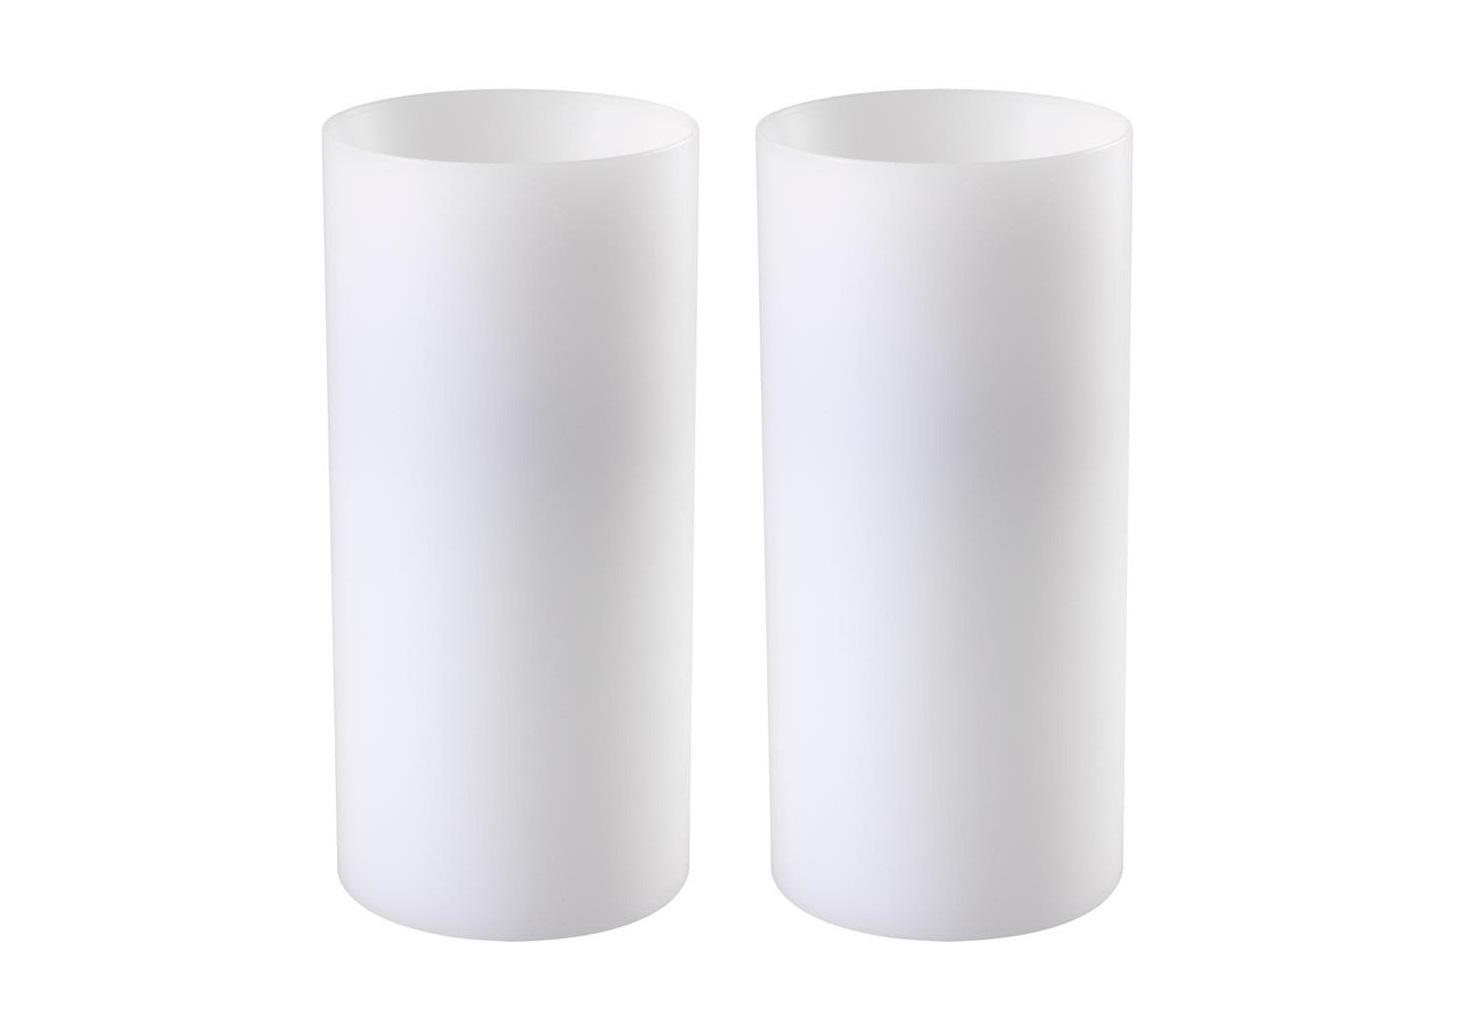 Свеча (2шт)Подсвечники<br>Набор из двух подсвечников Artificial Candle deep set of 2. Имитация большой свечи. Цвет - белый.<br><br>Material: Пластик<br>Height см: 21<br>Diameter см: 10